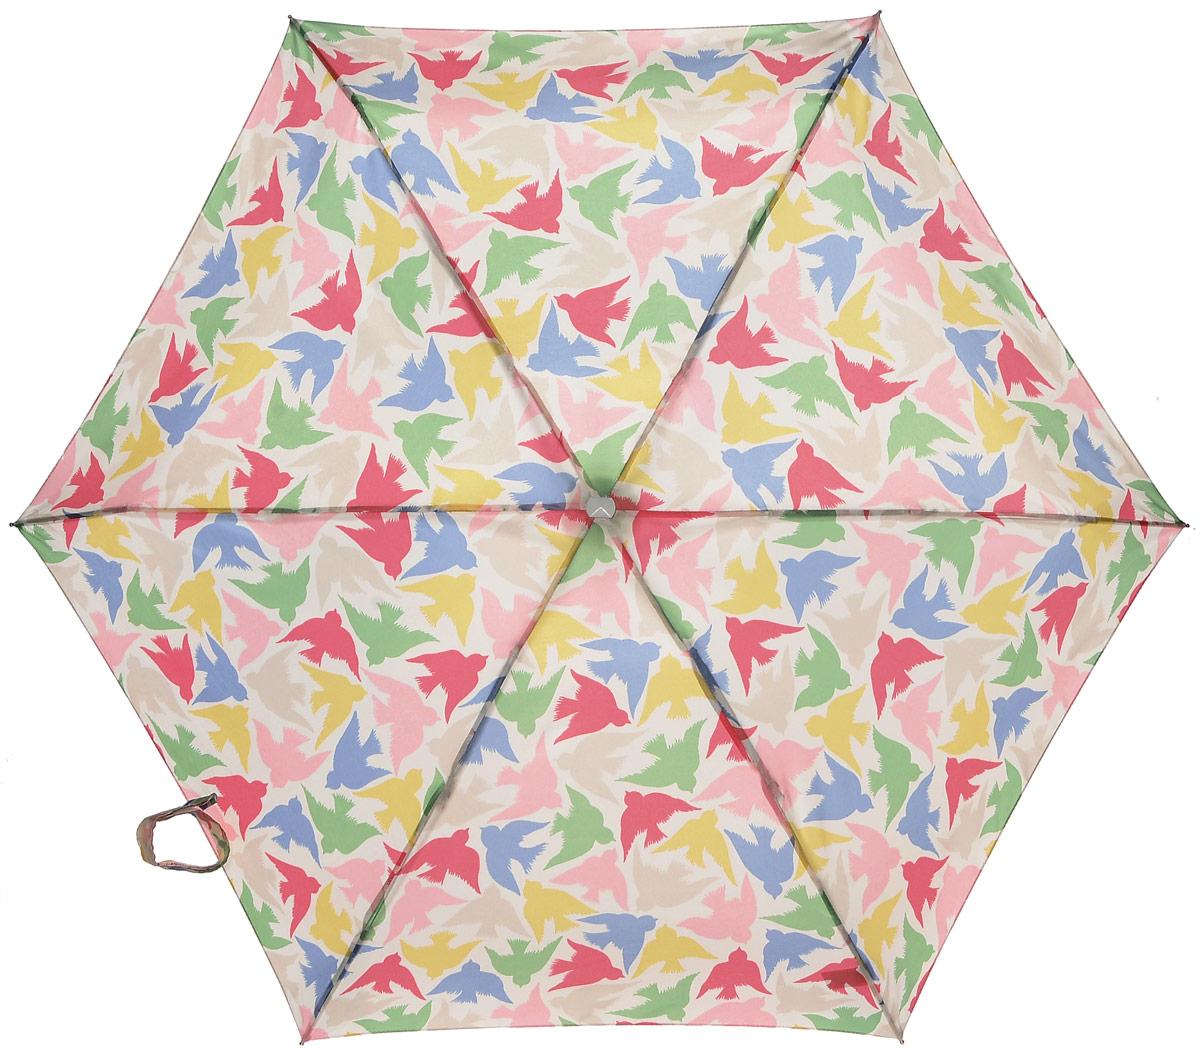 """Зонт женский Fulton """"Cath Kidston"""", механический, 5 сложений, цвет: мультиколор. L521-3129 L521-3129 SmallGraphicBird"""